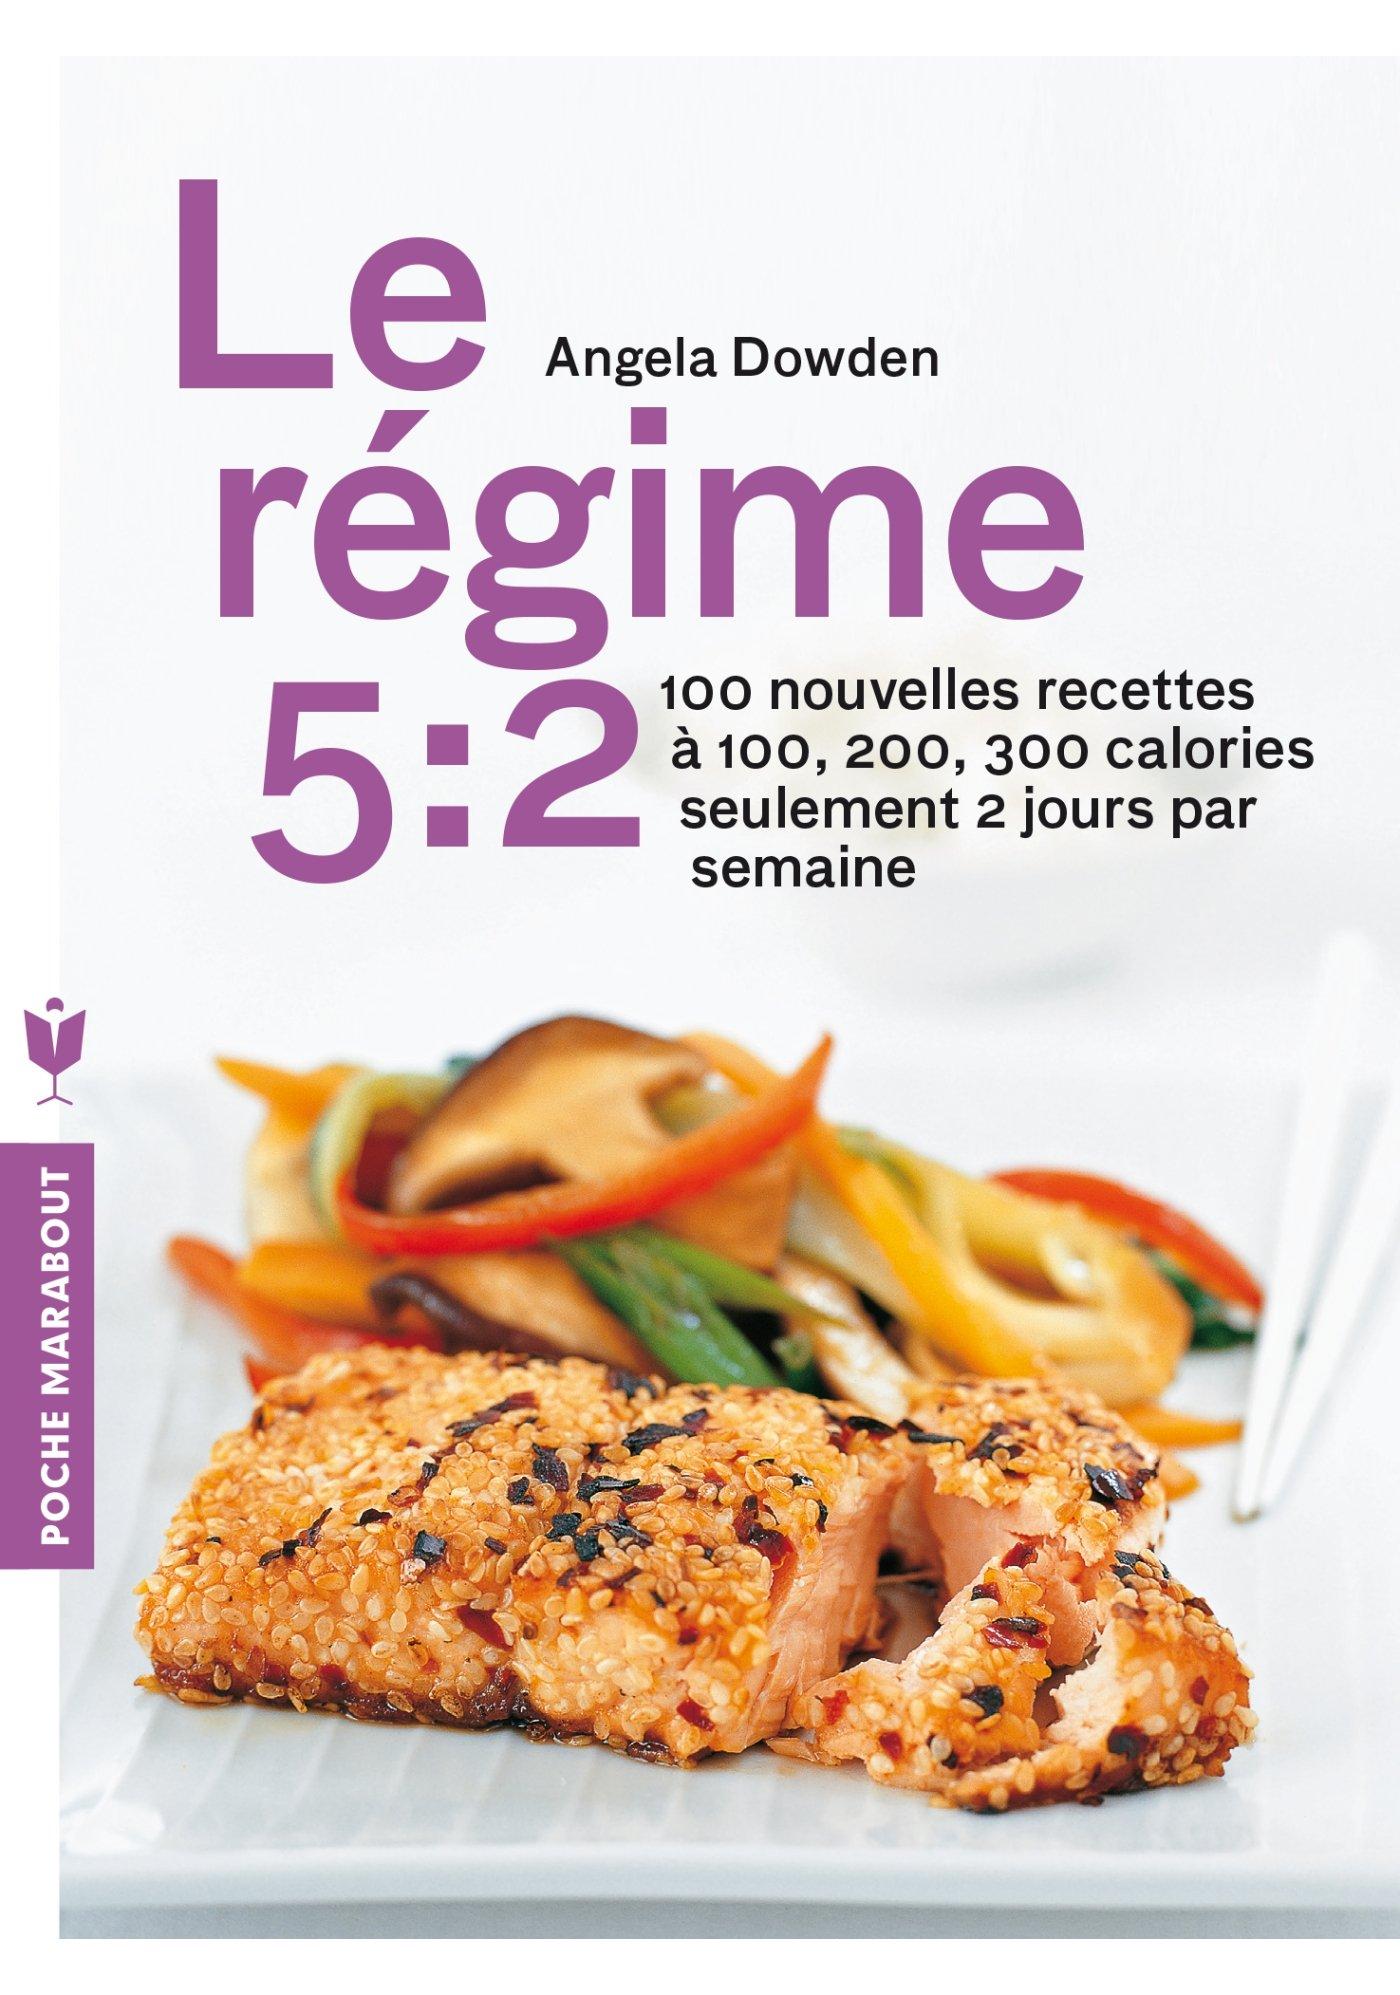 Recette regime calorie